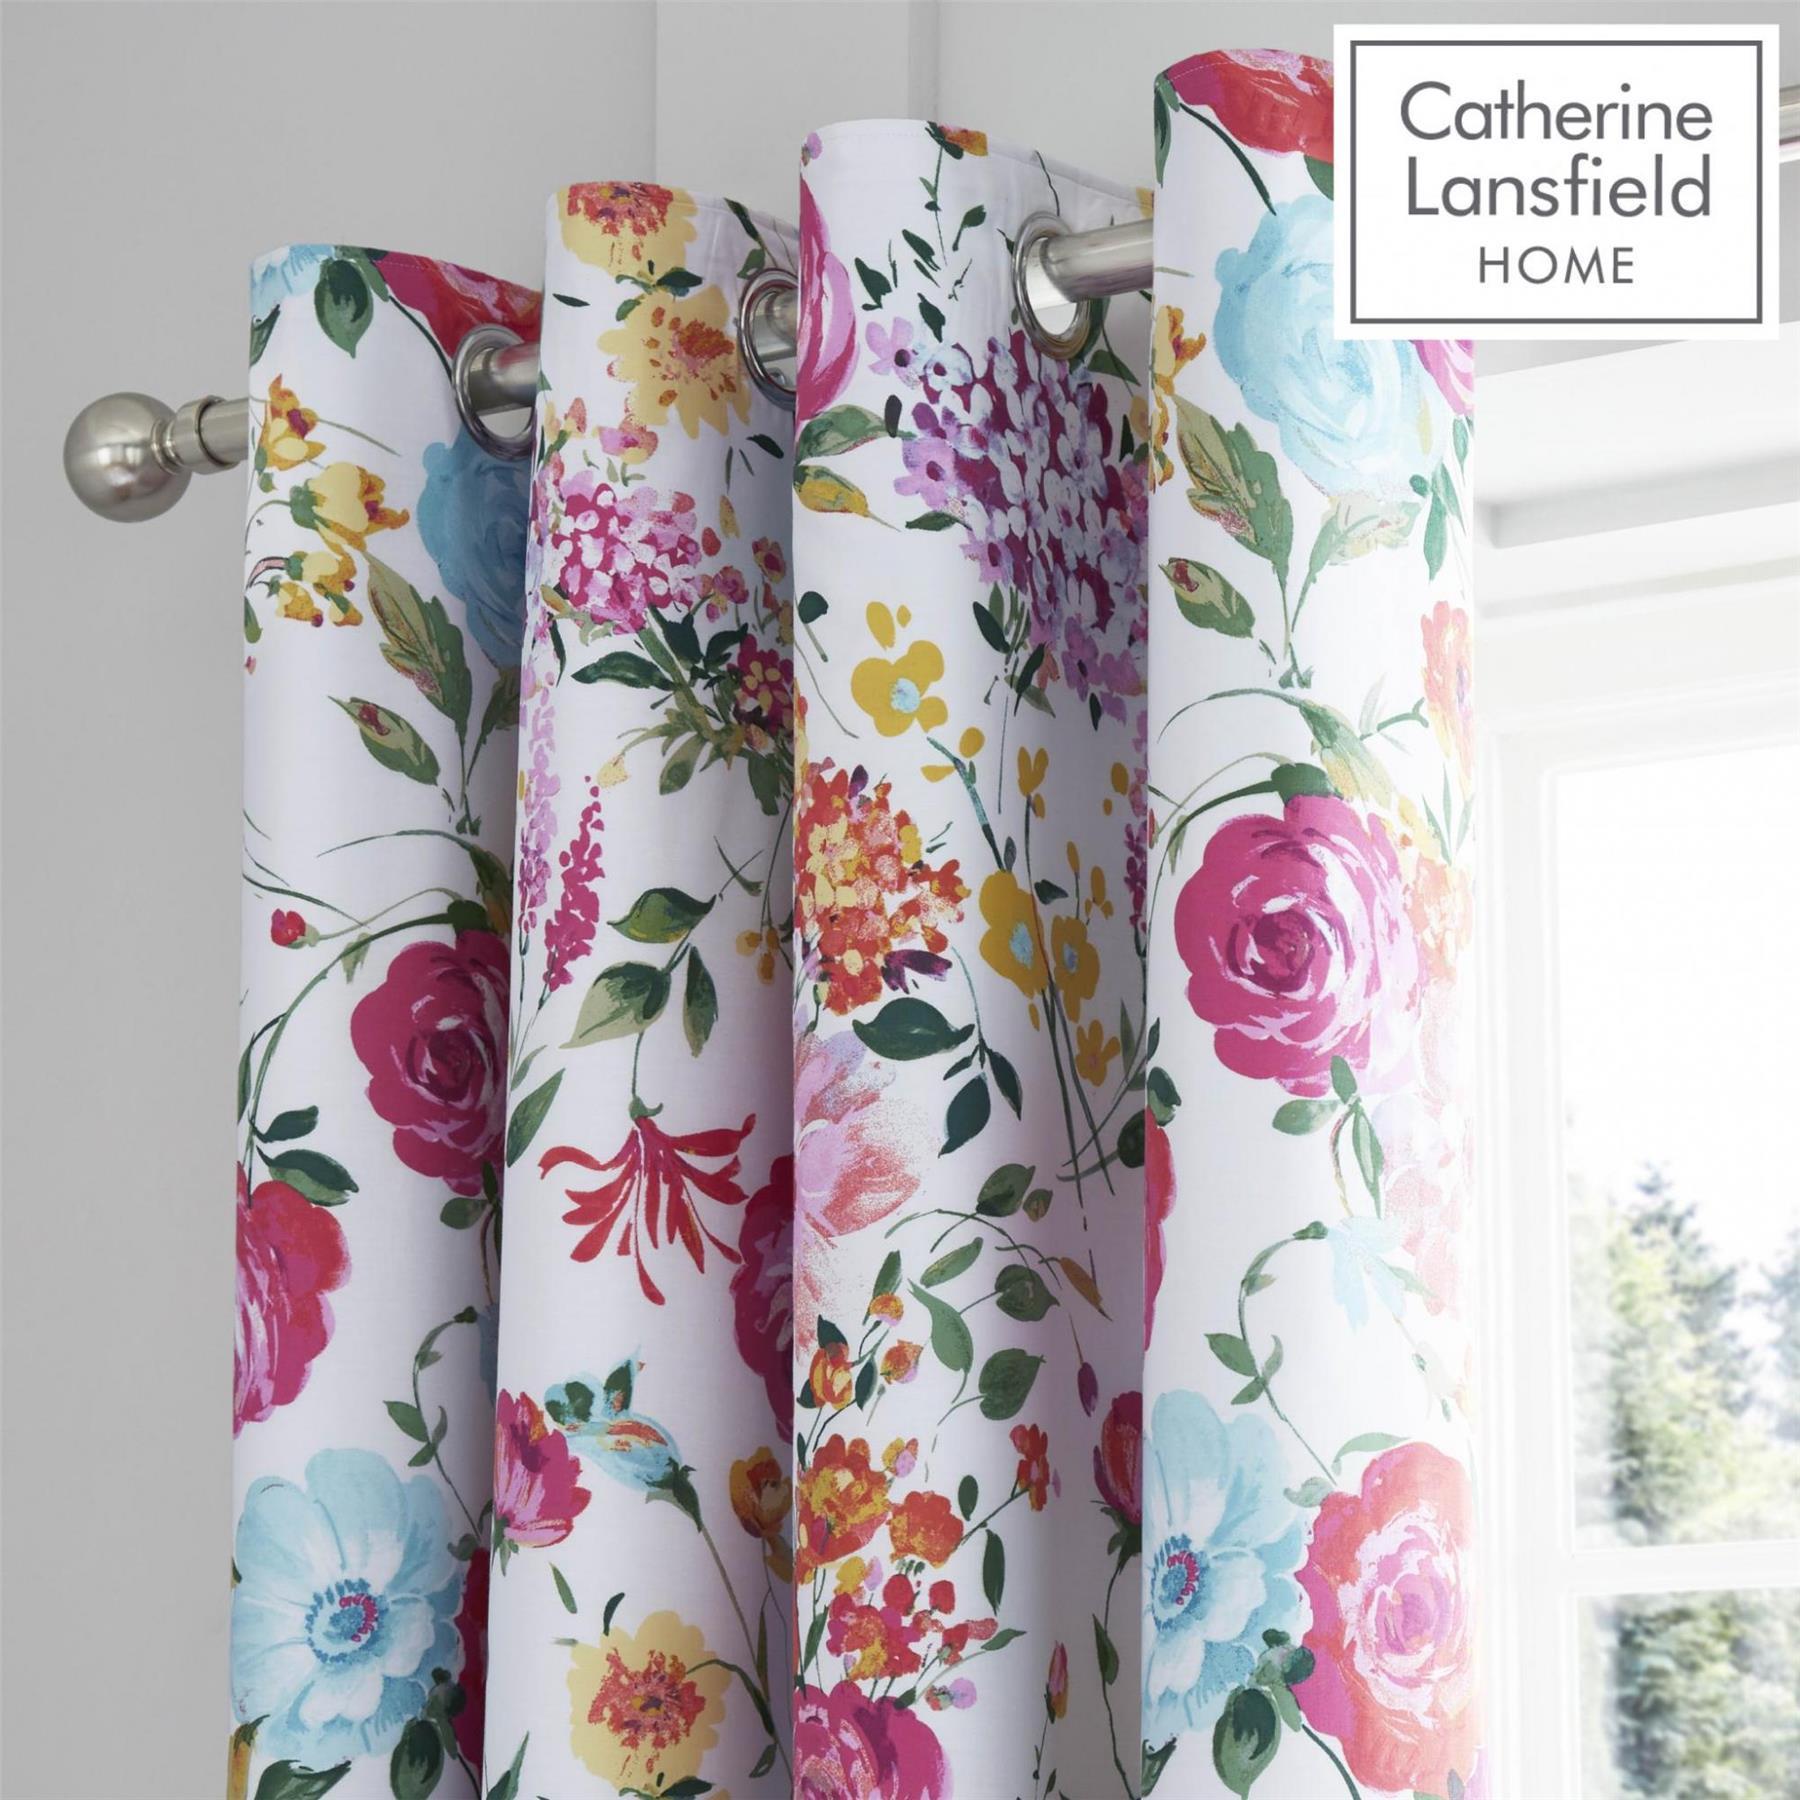 Catherine-Lansfield-biancheria-da-letto-Salisbury-Copripiumino-Set-Tende-Cuscino-Copriletto miniatura 9